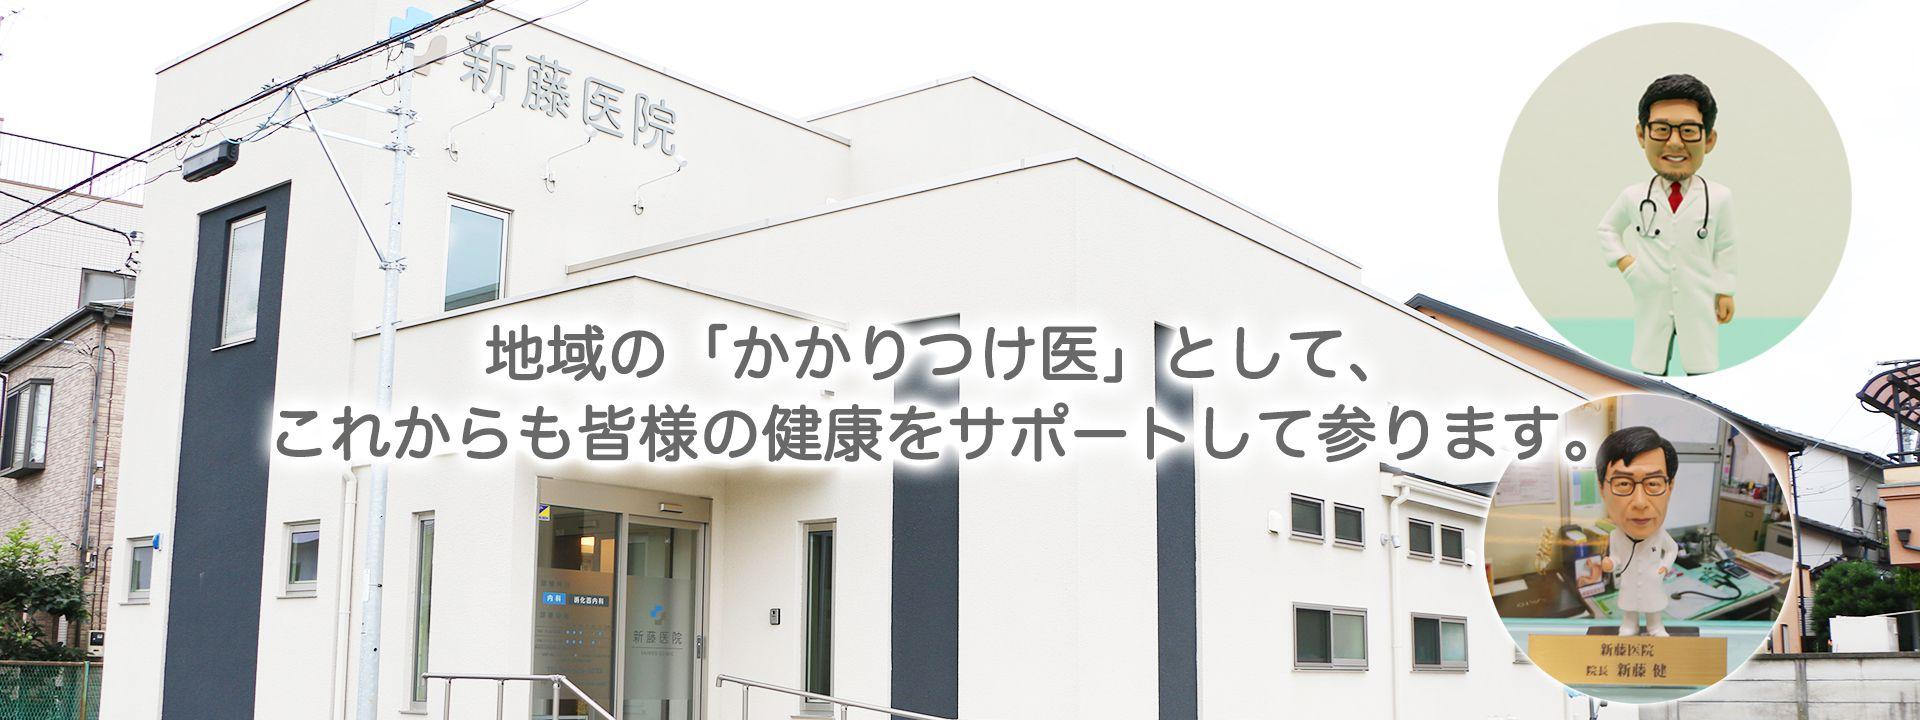 新藤医院受付